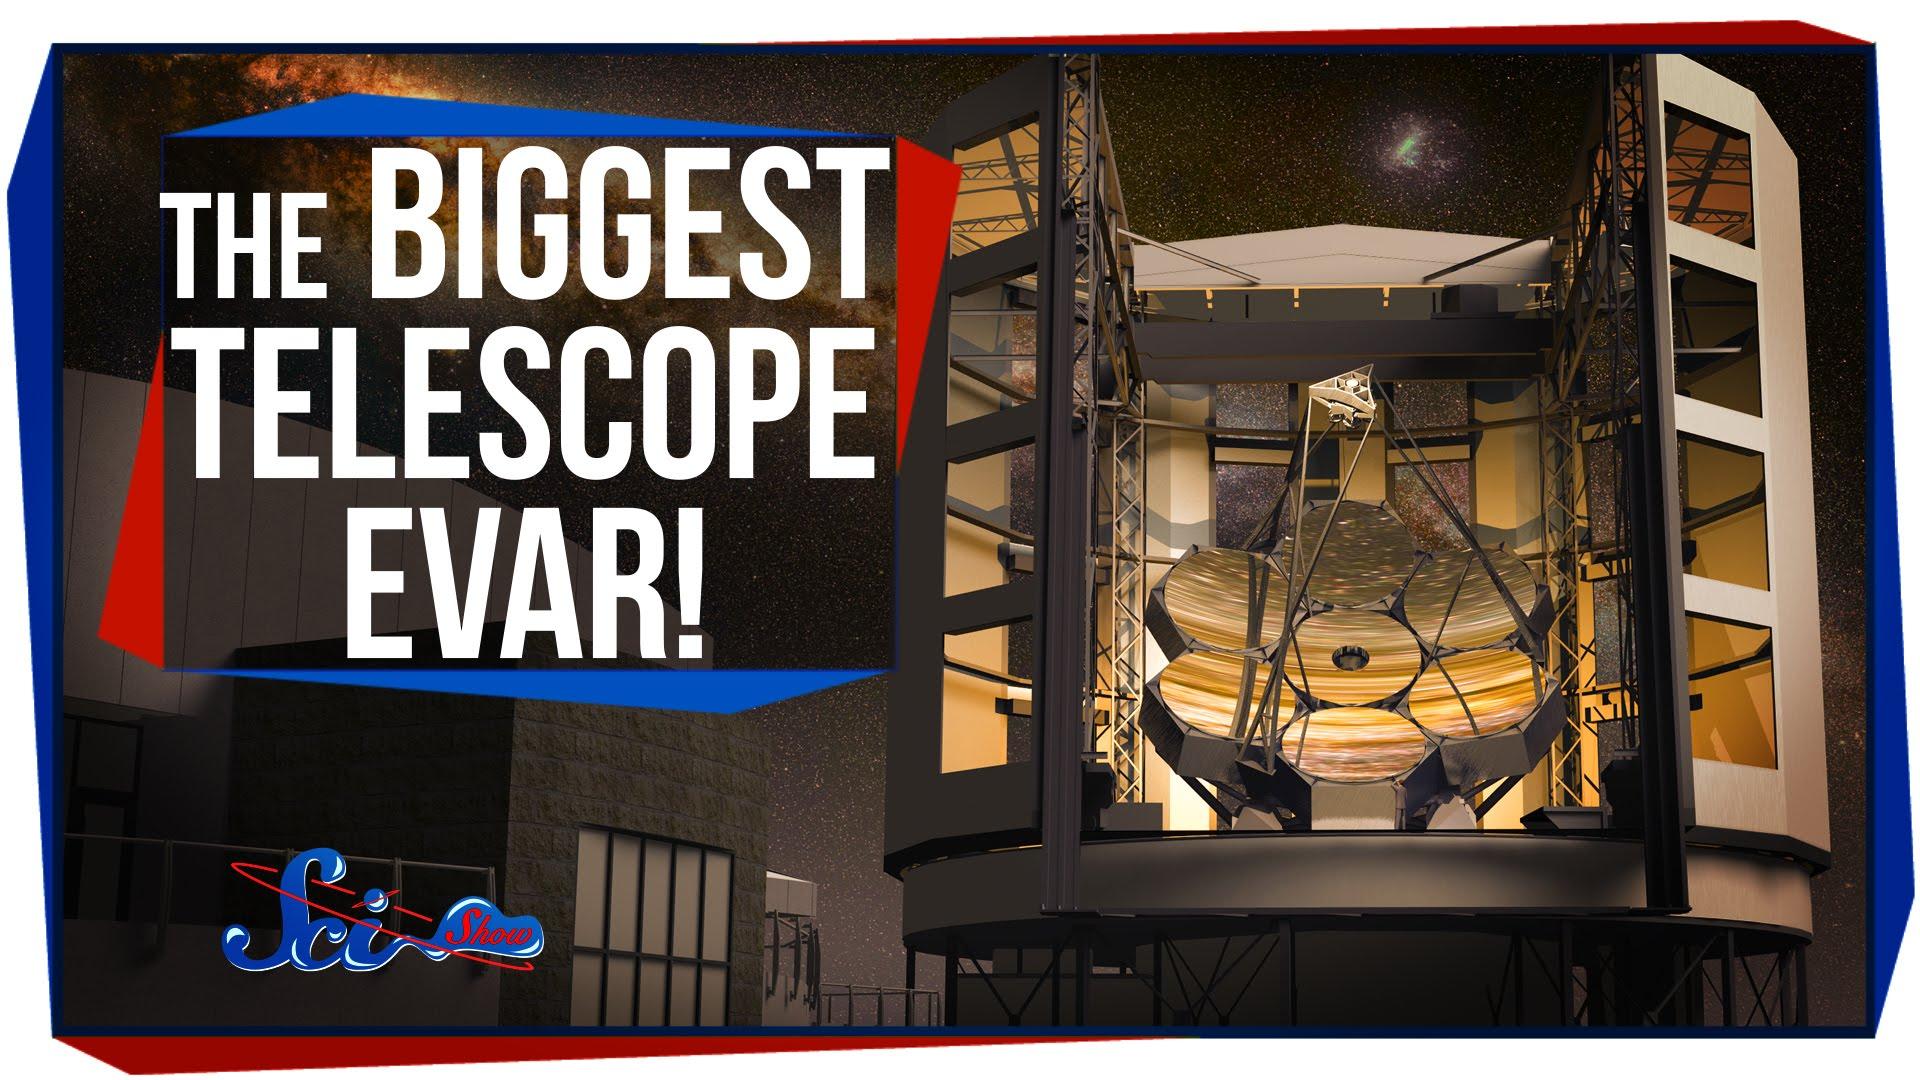 The Biggest Telescope EVAR!